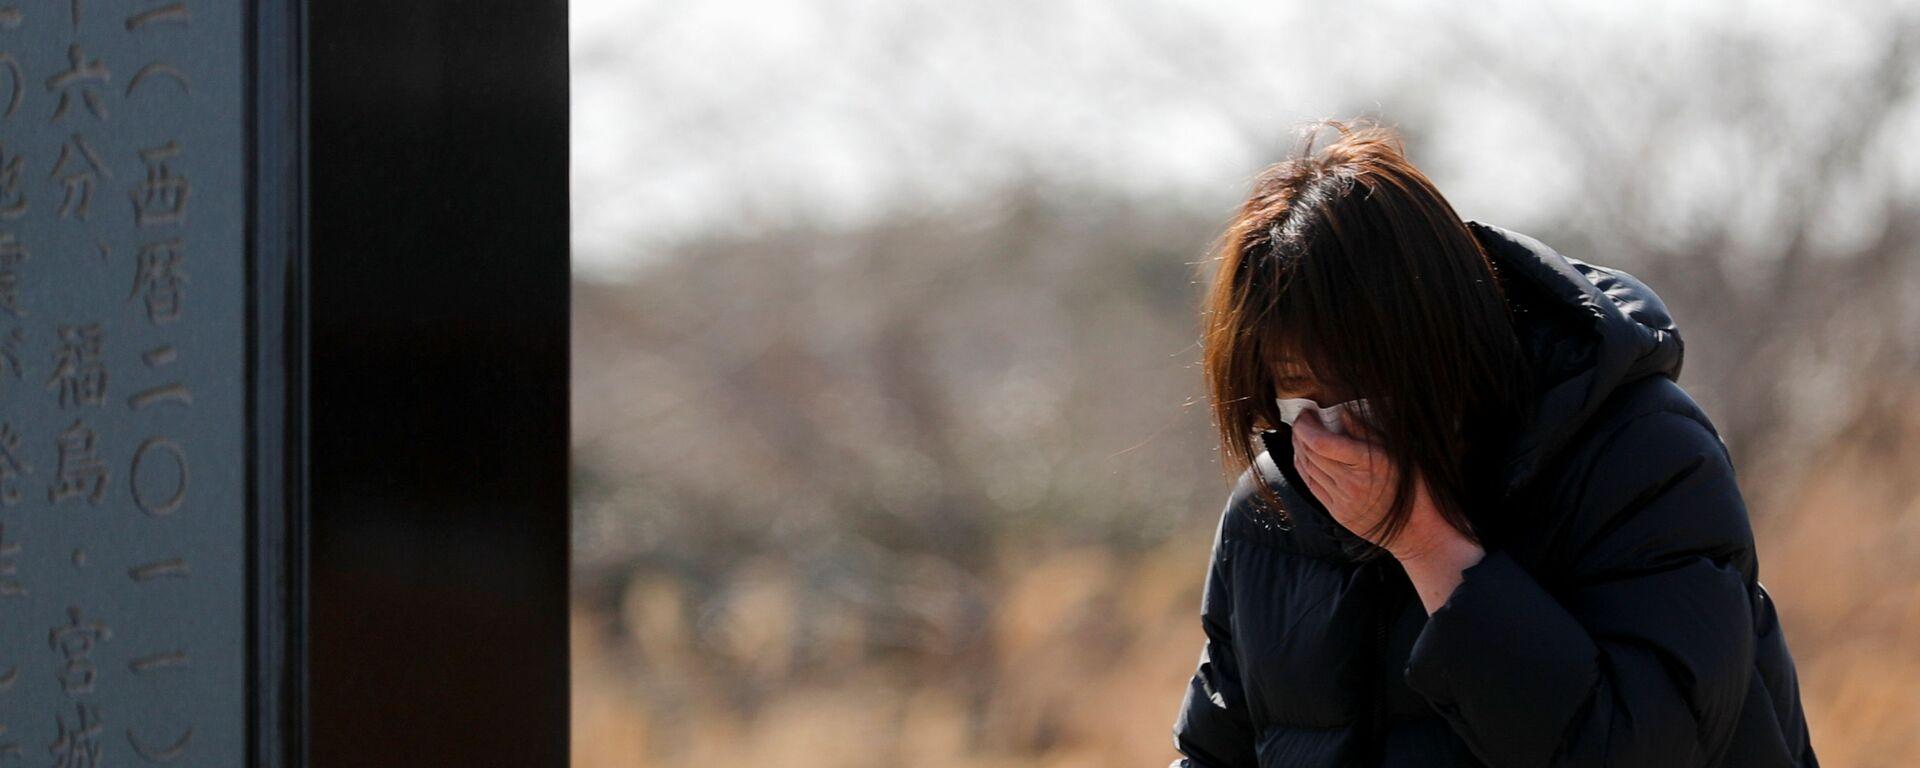 Девушка во время возложения цветов к памятнику жертвам землетрясения 2011 года в Японии  - Sputnik Таджикистан, 1920, 11.03.2021